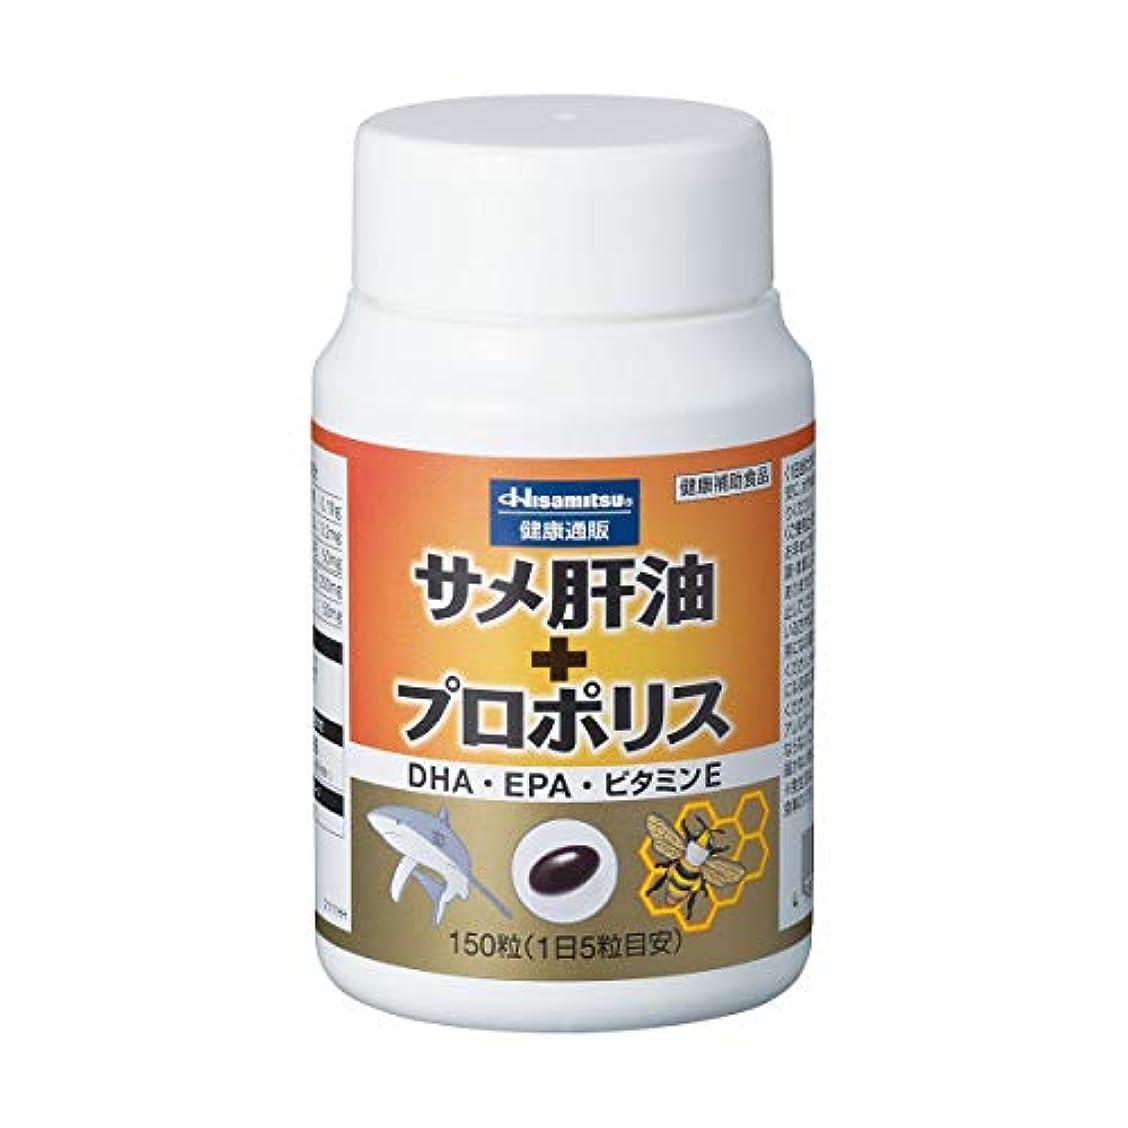 ロッカーバイアス業界サメ肝油 + プロポリス 150粒 DHA EPA ビタミンE 配合 久光製薬